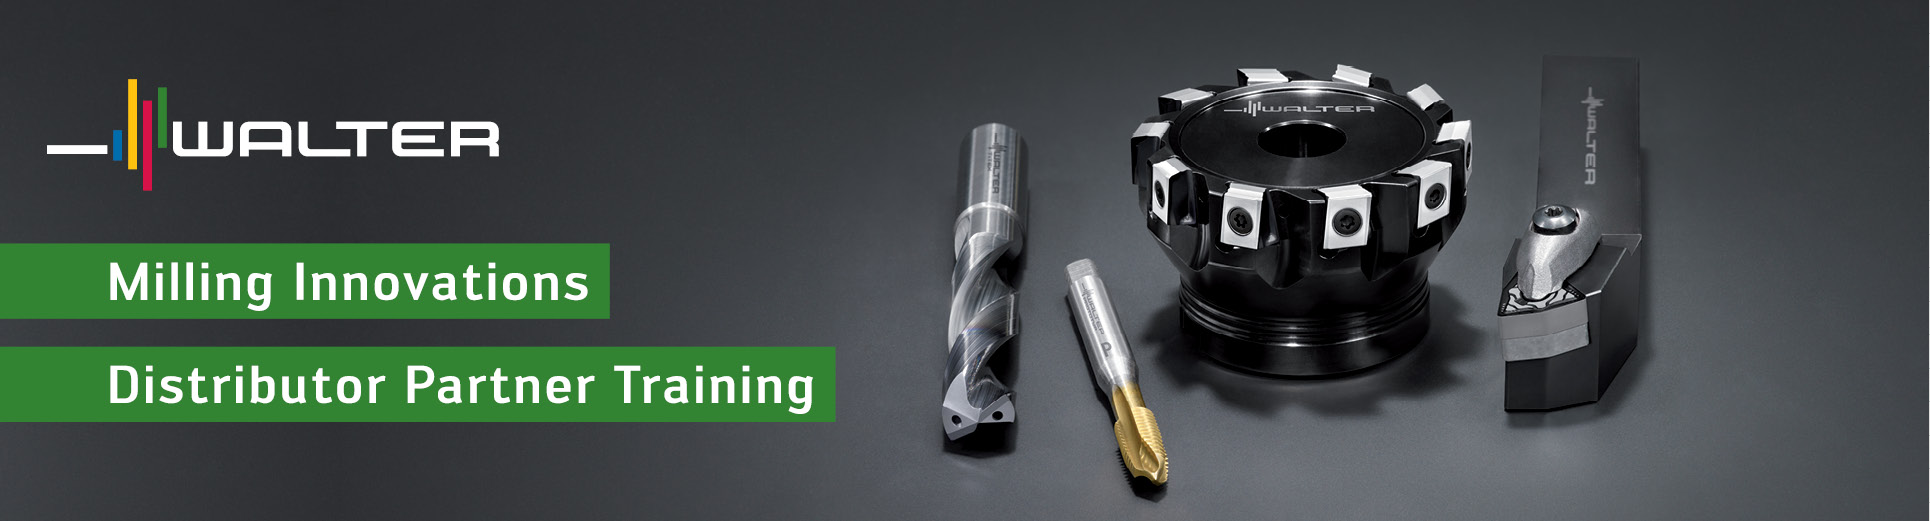 Milling Innovations 03/05/2019